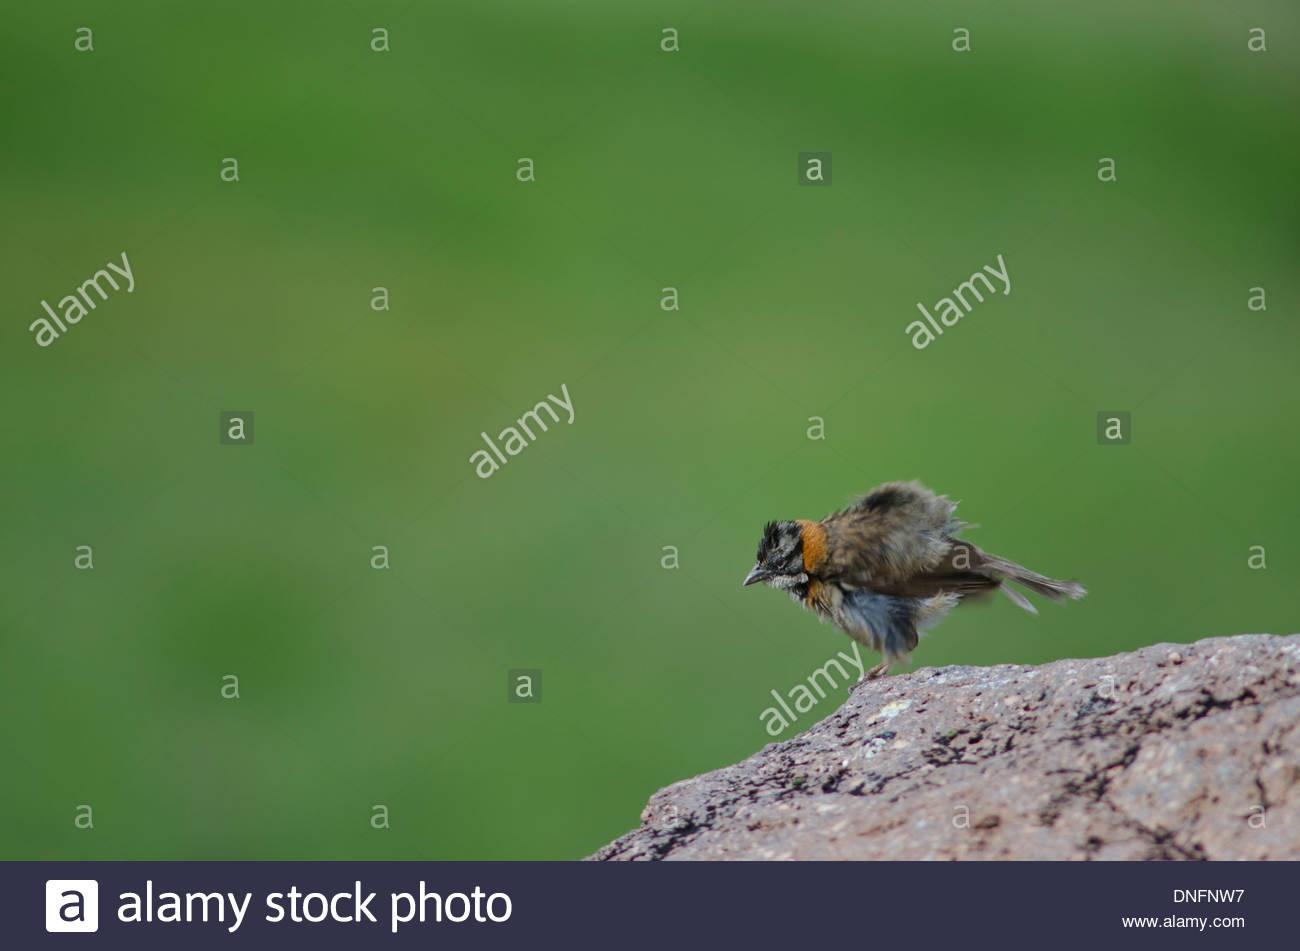 Rufous-collared Sparrow (Zonotrichia capensis). Stock Photo